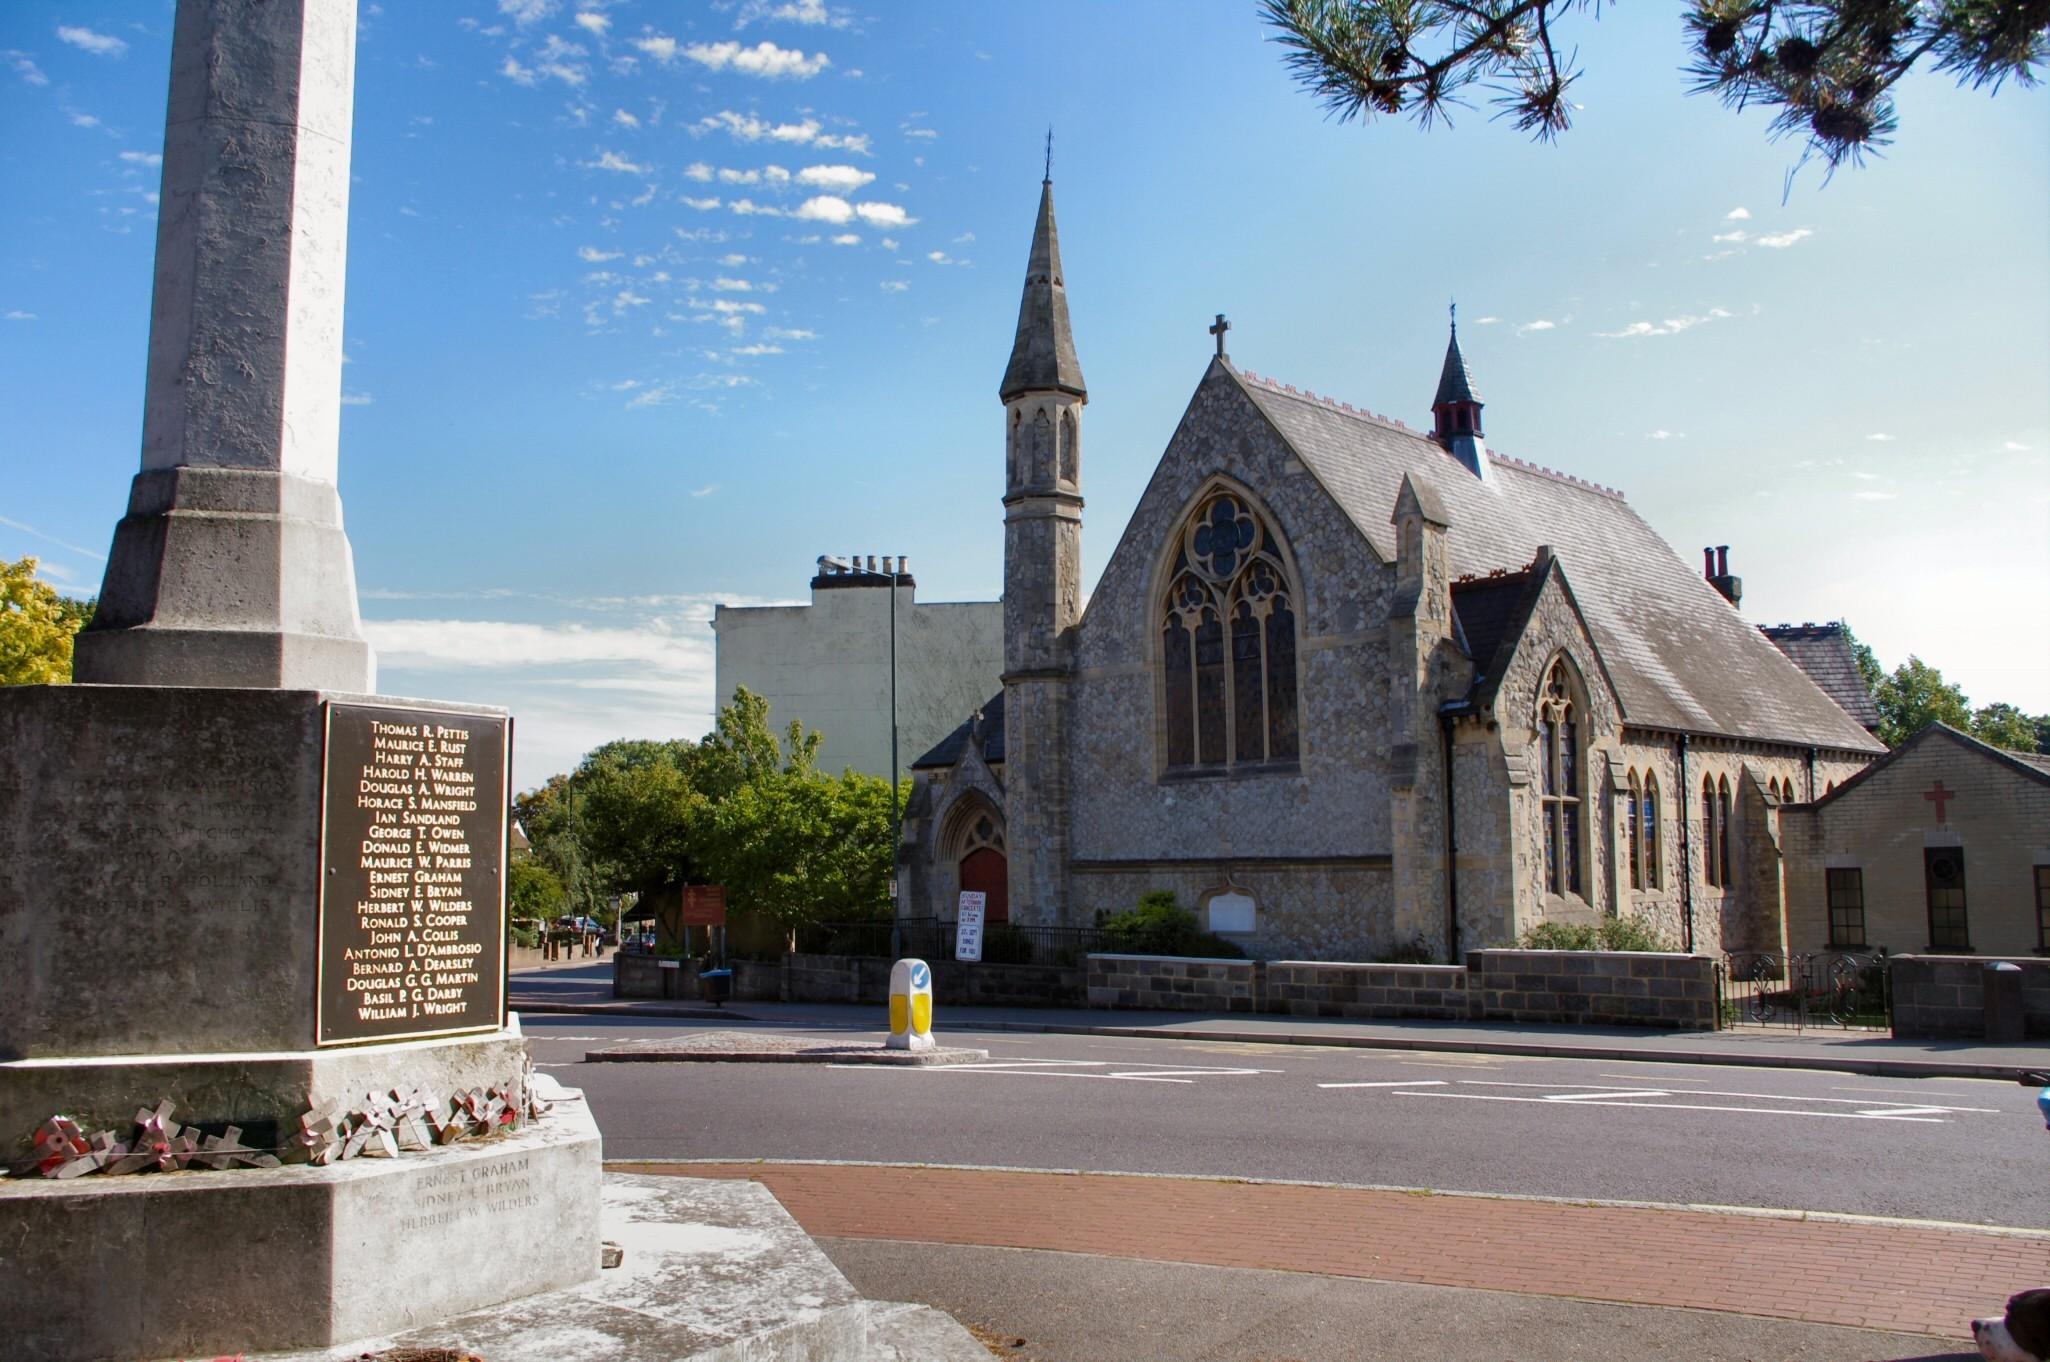 Bexley URC, Bexley, Kent